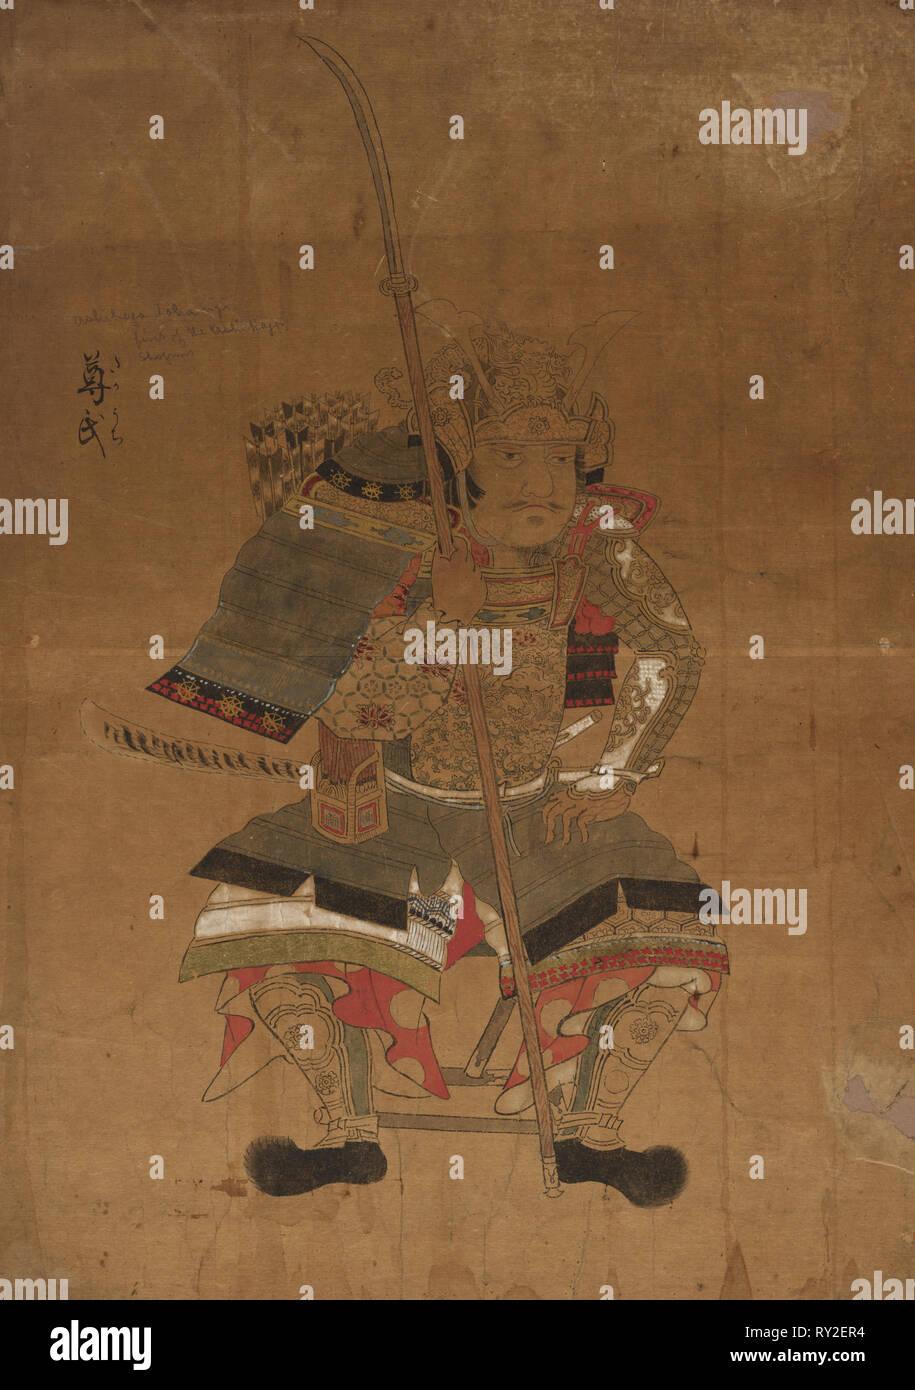 Shogun Ashikaga Tokonji in Armor, 1615-1868. Japan, Ukiyo-e School, Edo Period (1615-1868). overall: 38.8 x 55 cm (15 1/4 x 21 5/8 in - Stock Image